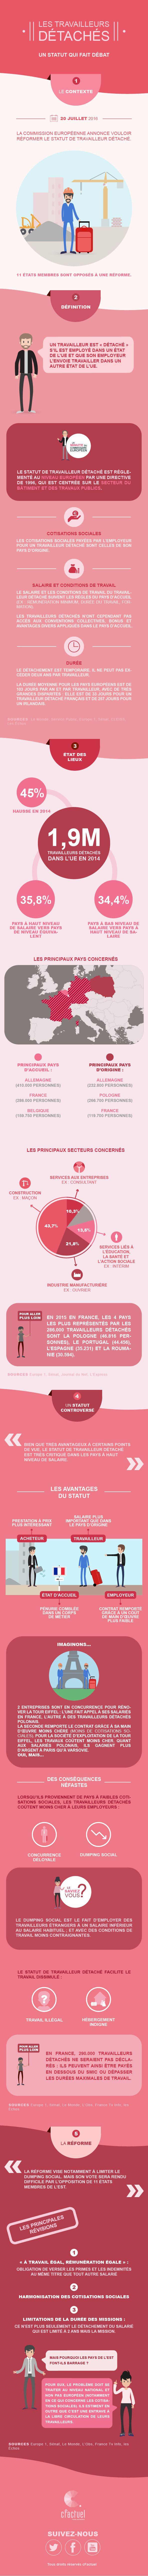 LE TRAVAILLEUR DÉTACHÉ - Une infographie cFactuel Bruxelles a confirmé que la réforme, du statut de travailleur détaché, sera bien engagée. Il est, depuis longtemps, sujet à débat. Explications.